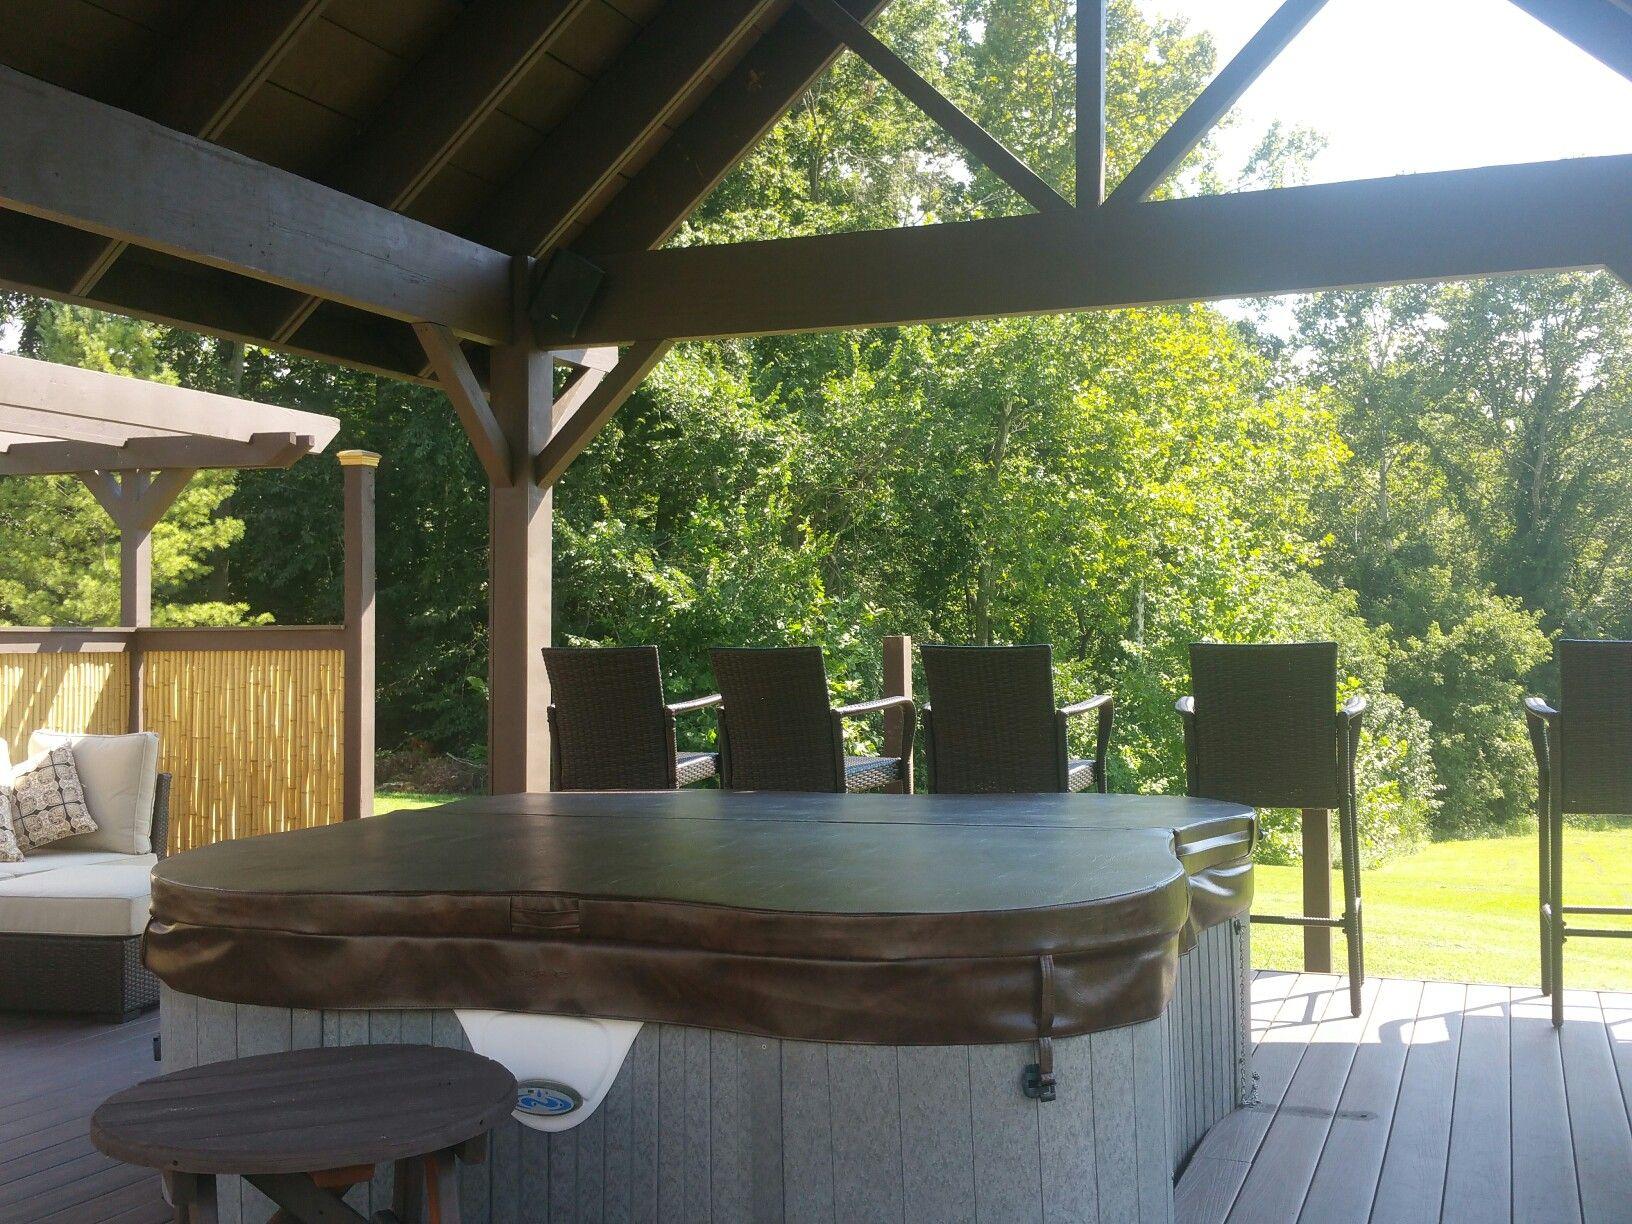 Pavilion Hot tub